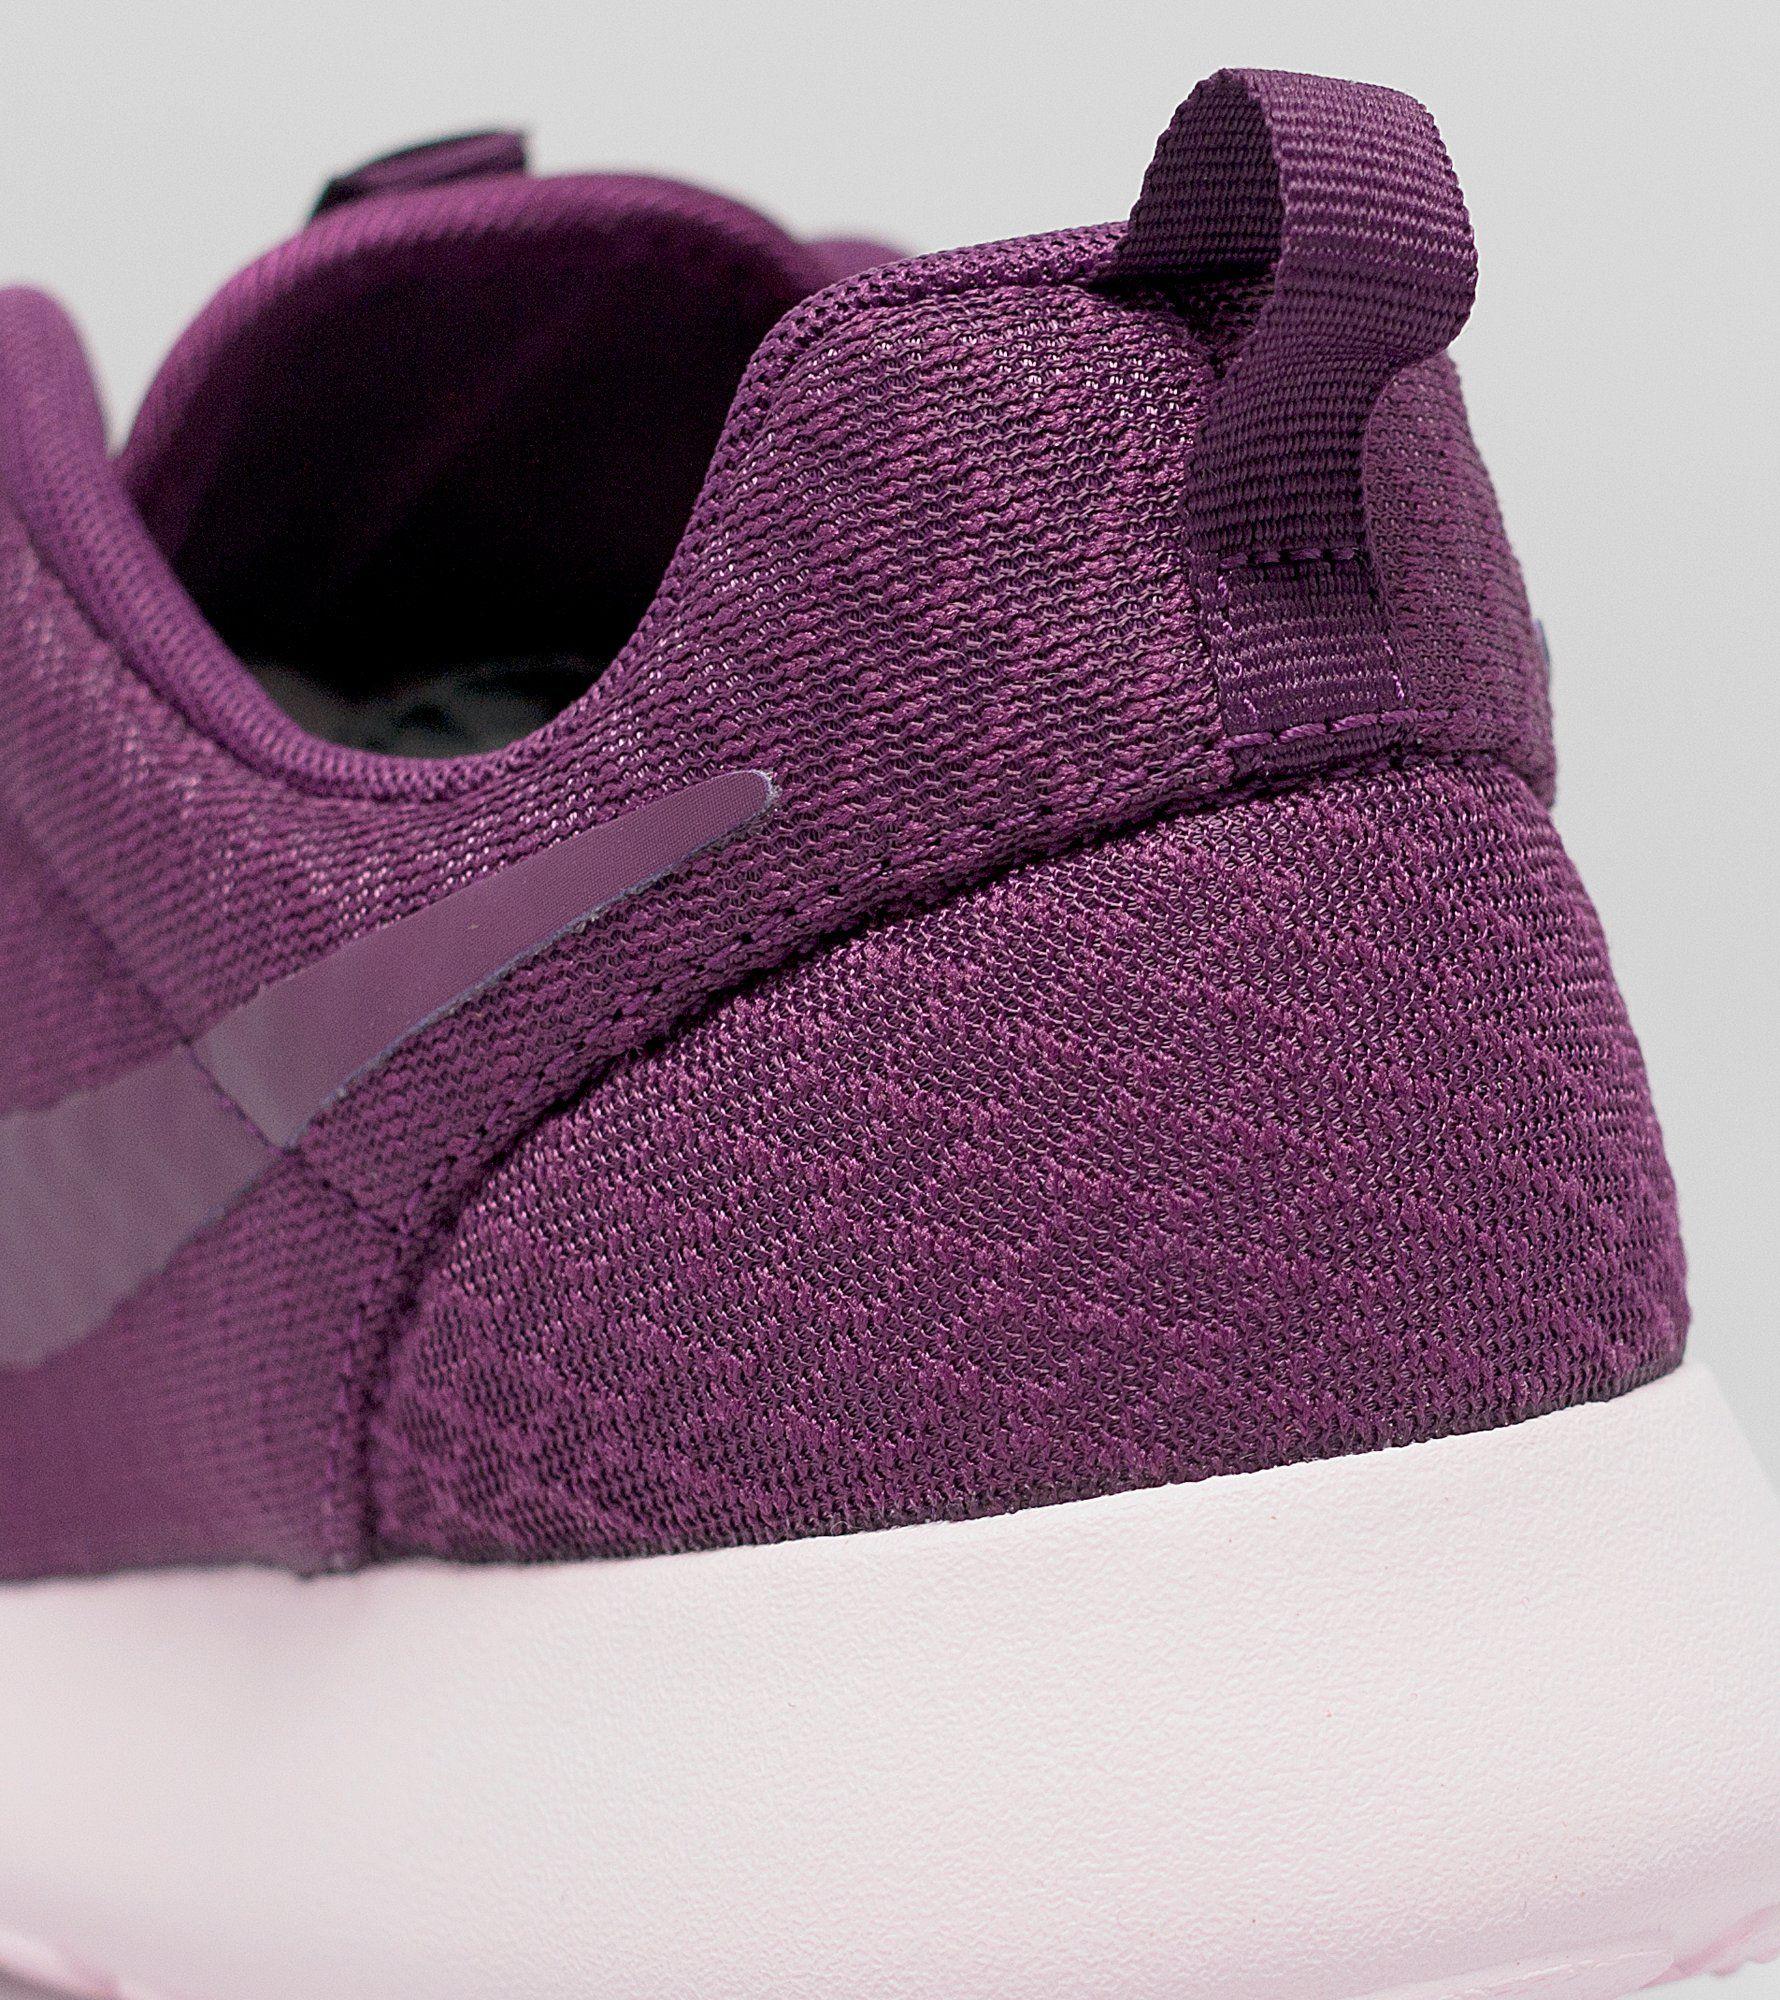 qbqpi Nike Roshe One Women's | Size?